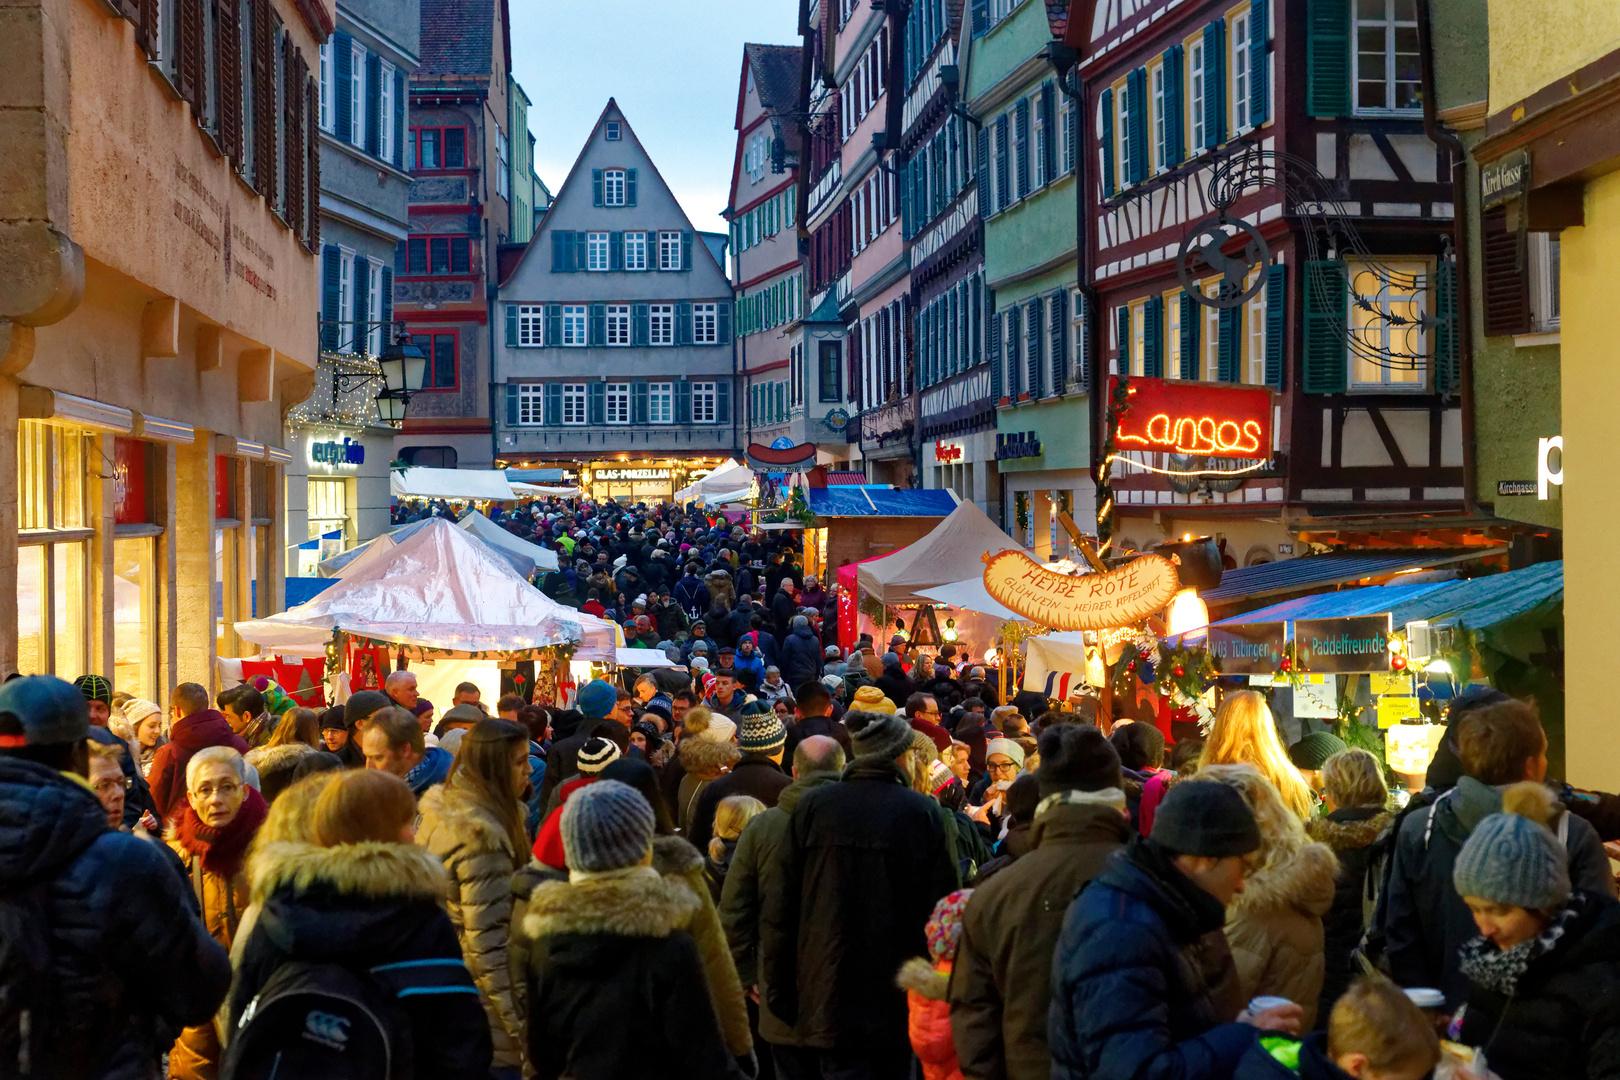 Wo Ist Weihnachtsmarkt Heute.Heute Auf Dem Weihnachtsmarkt Foto Bild Outdoor Weihnachtsmarkt